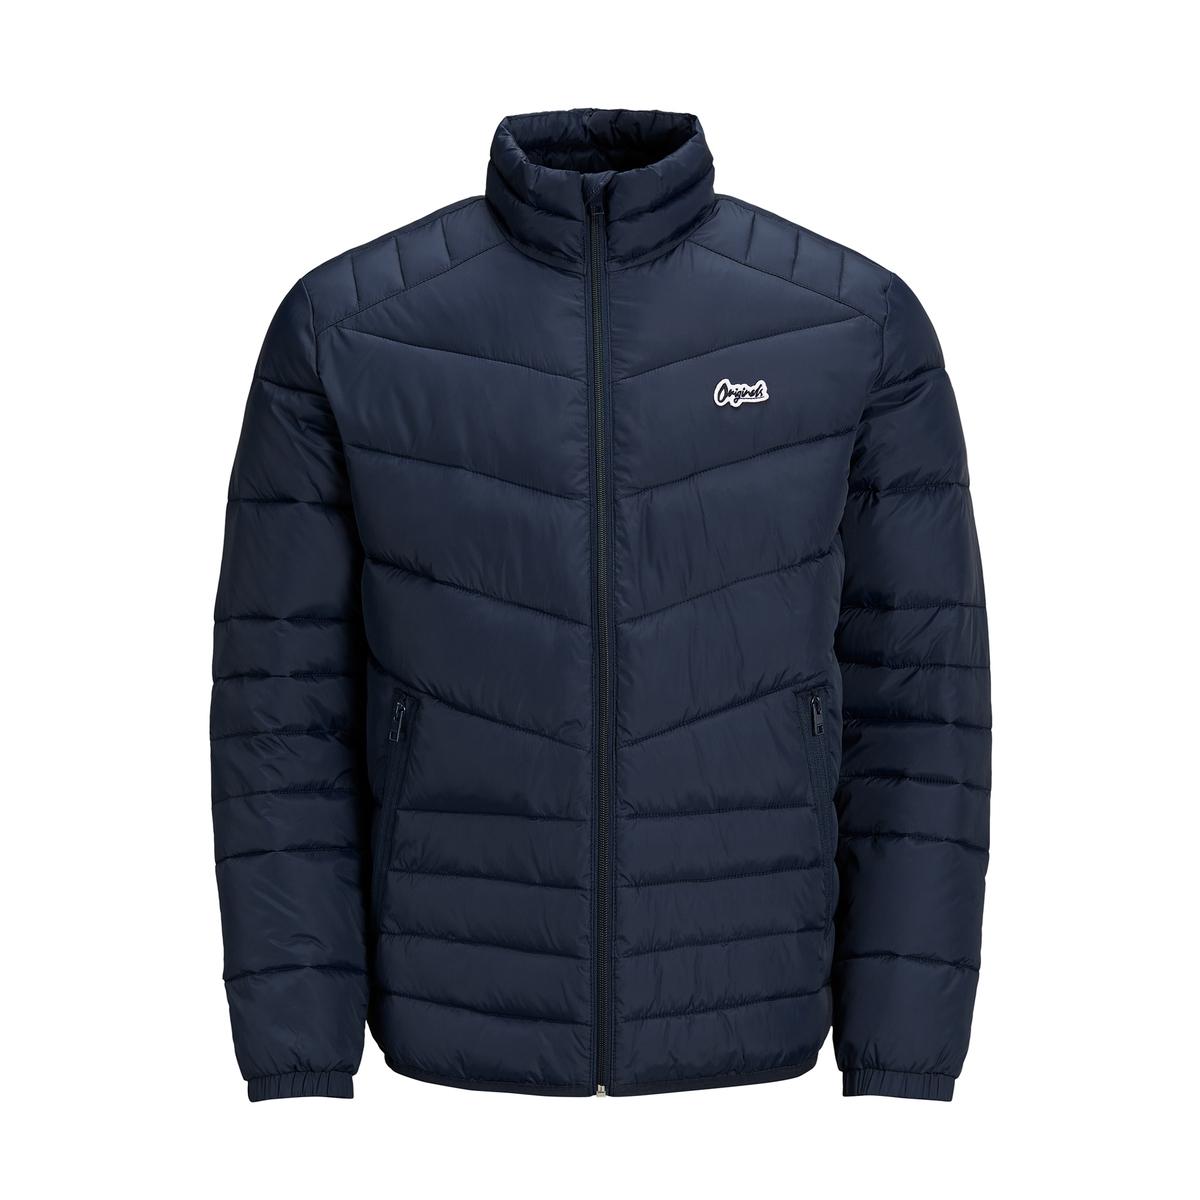 Куртка стеганая короткая с воротником-стойкой JORBEND короткая куртка artka wa10331c 2014